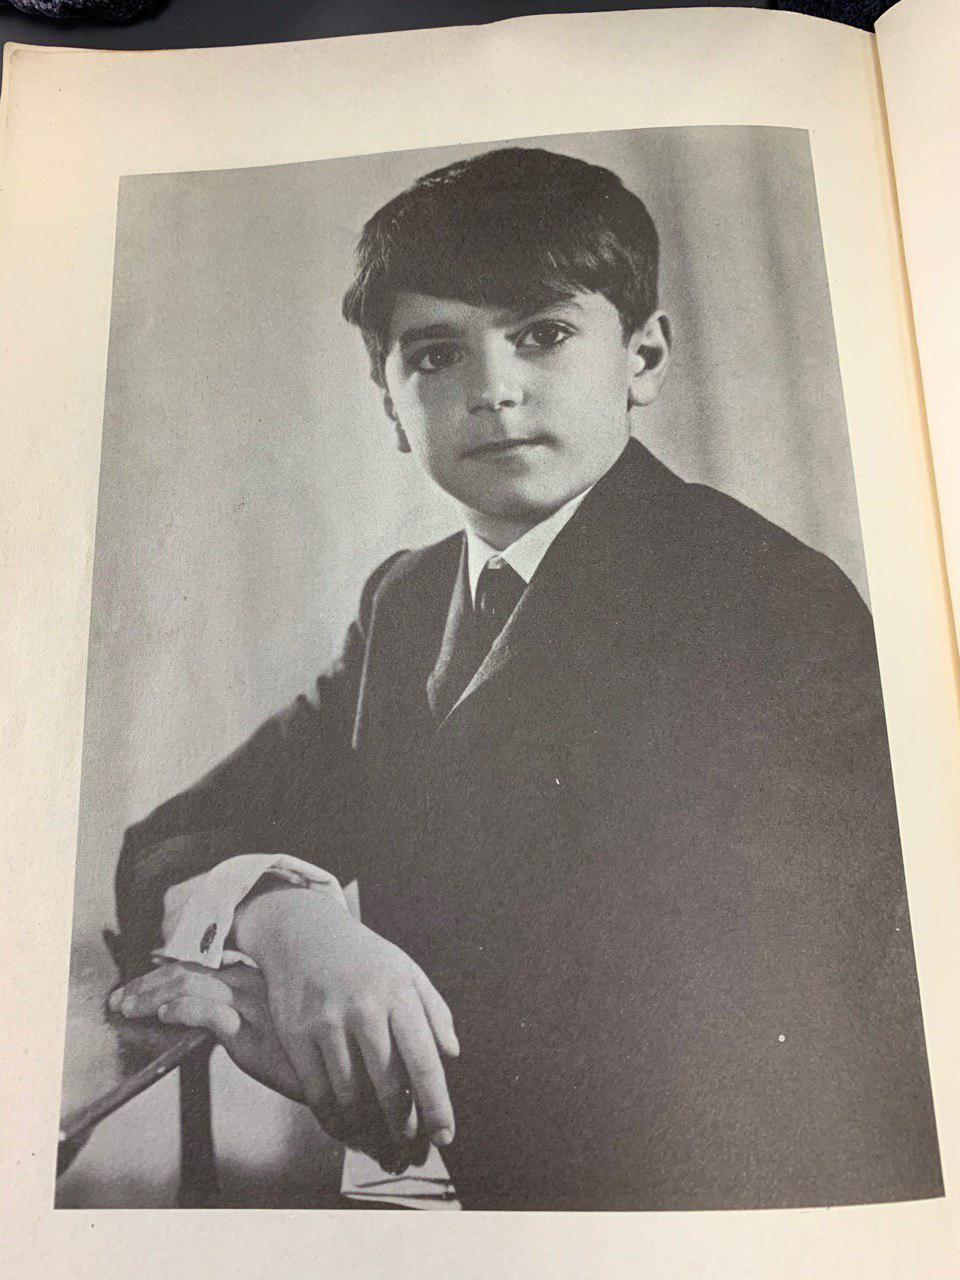 تصویر شاهزاده رضا پهلوی